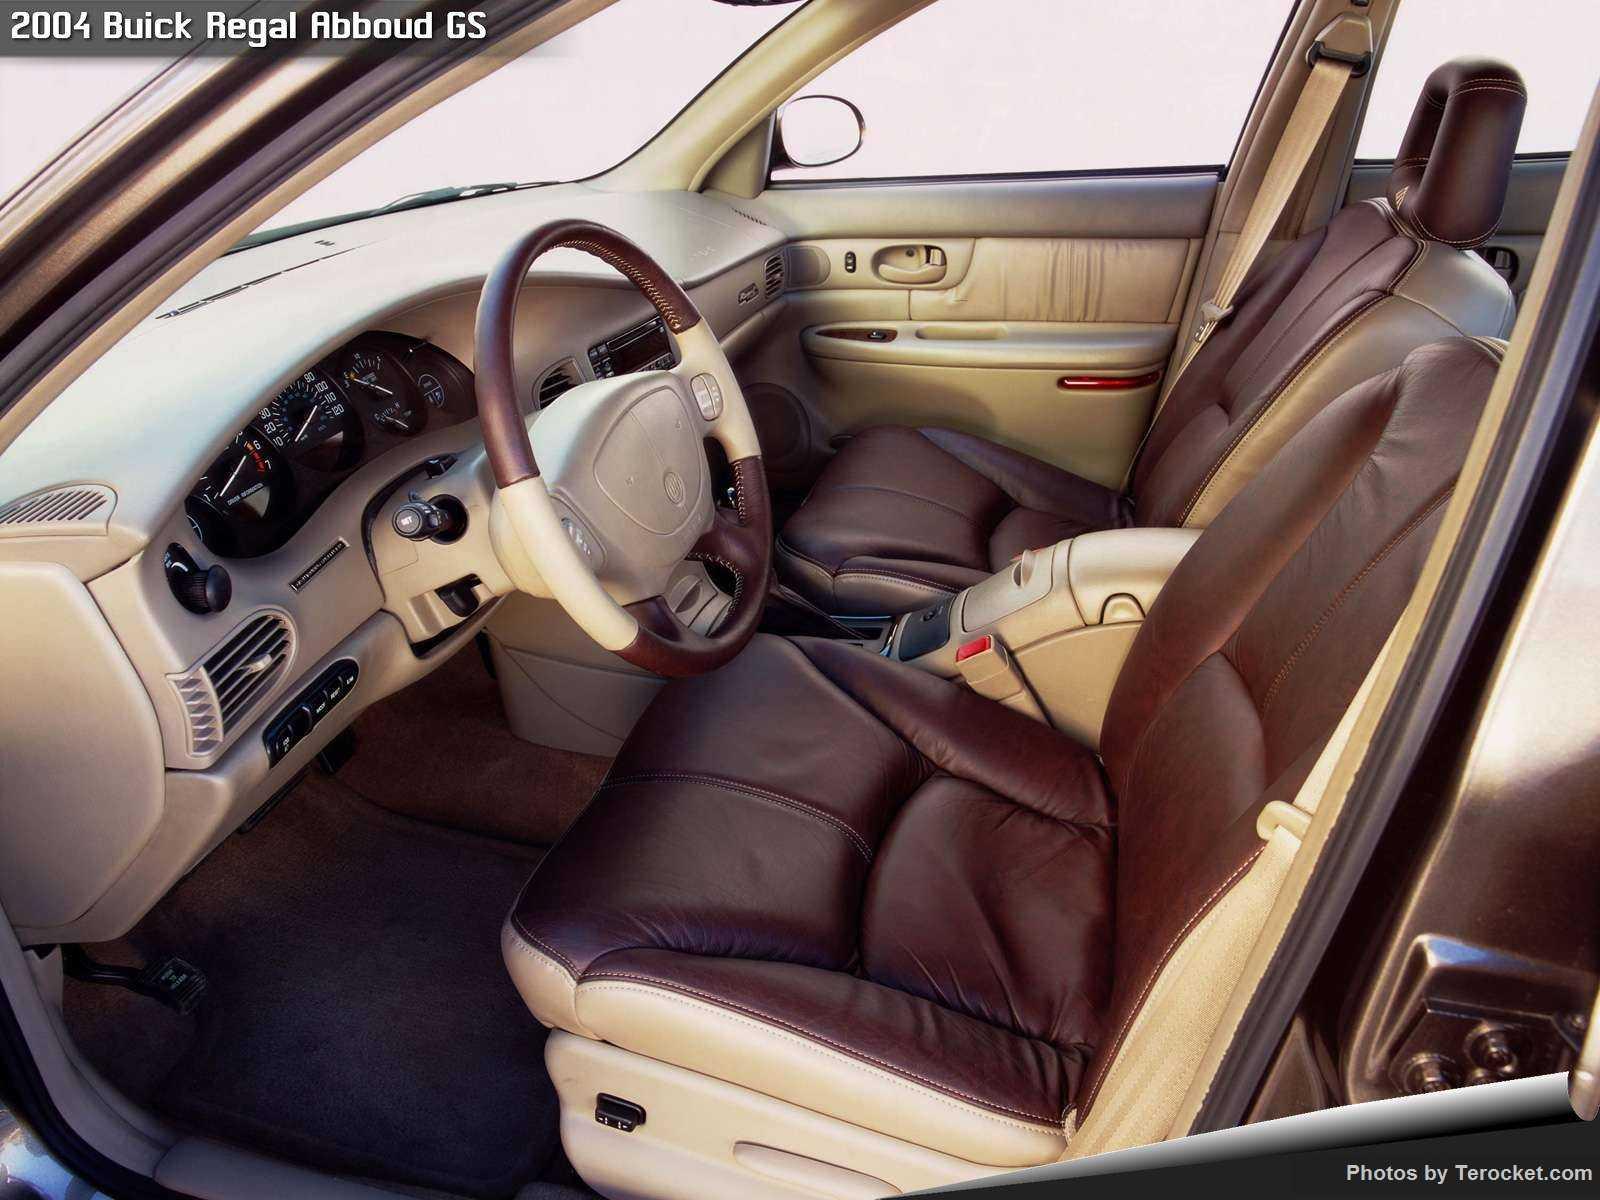 Hình ảnh xe ô tô Buick Regal Abboud GS 2004 & nội ngoại thất